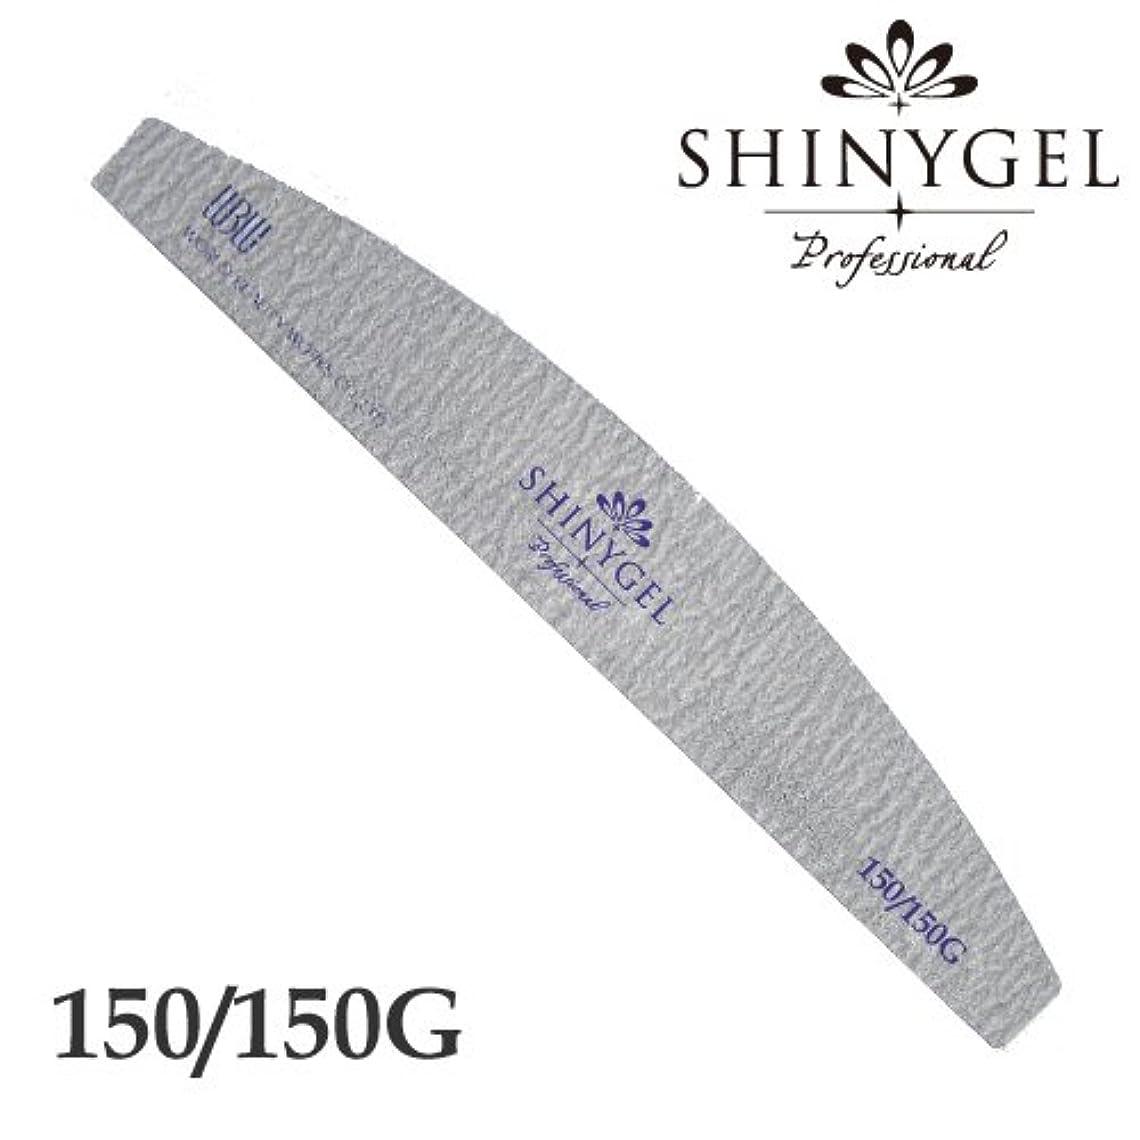 どこつらいブラストSHINYGEL Professional シャイニージェルプロフェッショナル ゼブラファイル ブラック(アーチ型) 150/150G ジェルネイル 爪やすり